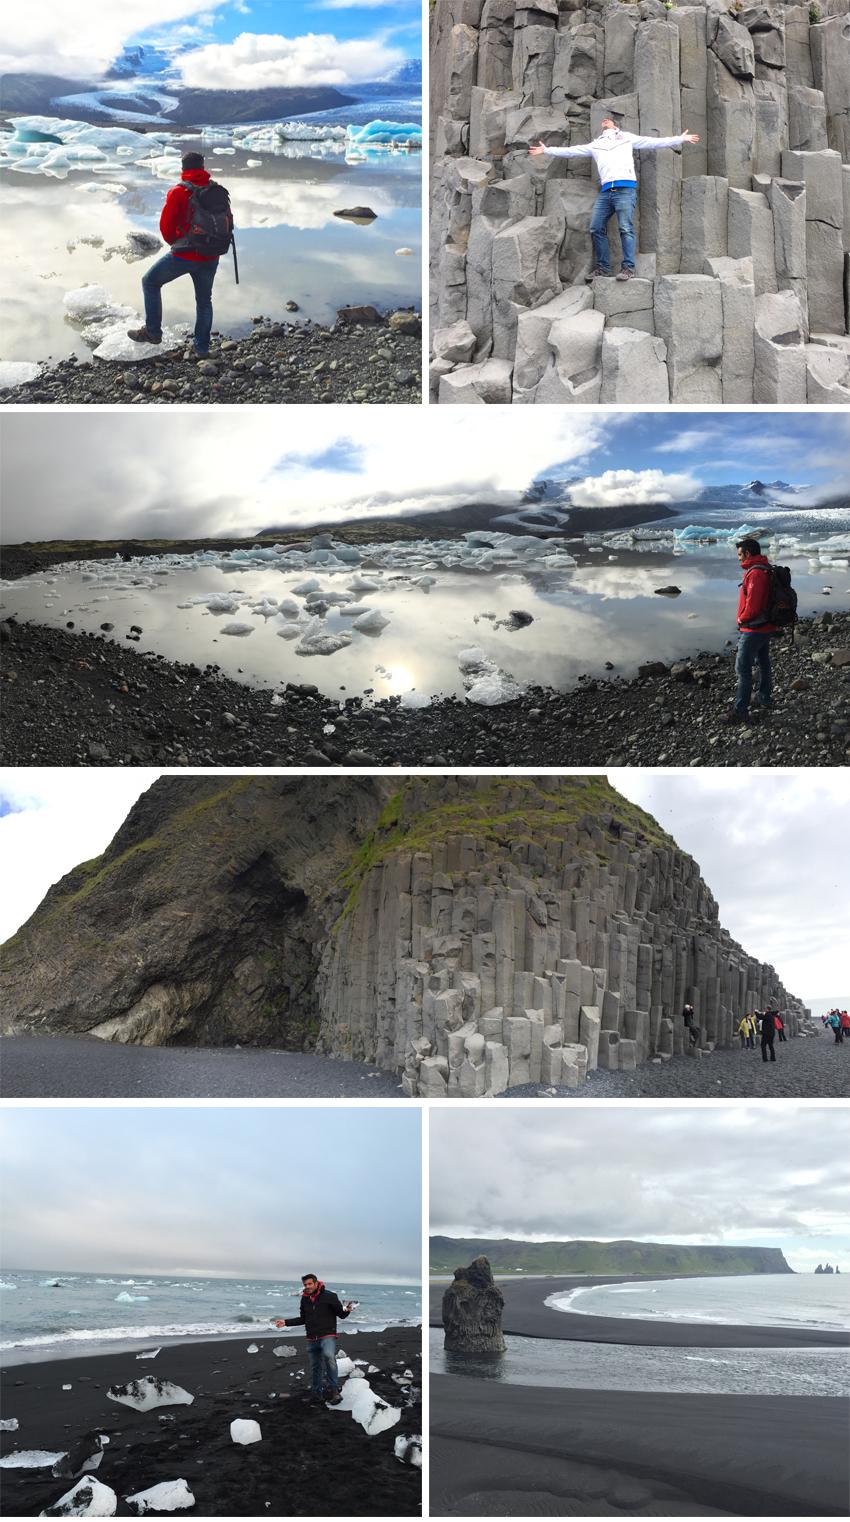 Viajar a Islandia con pocos días: Viajar a Islandia viajar a islandia con pocos días Viajar a Islandia con pocos días 21610245263 673acd5b42 o